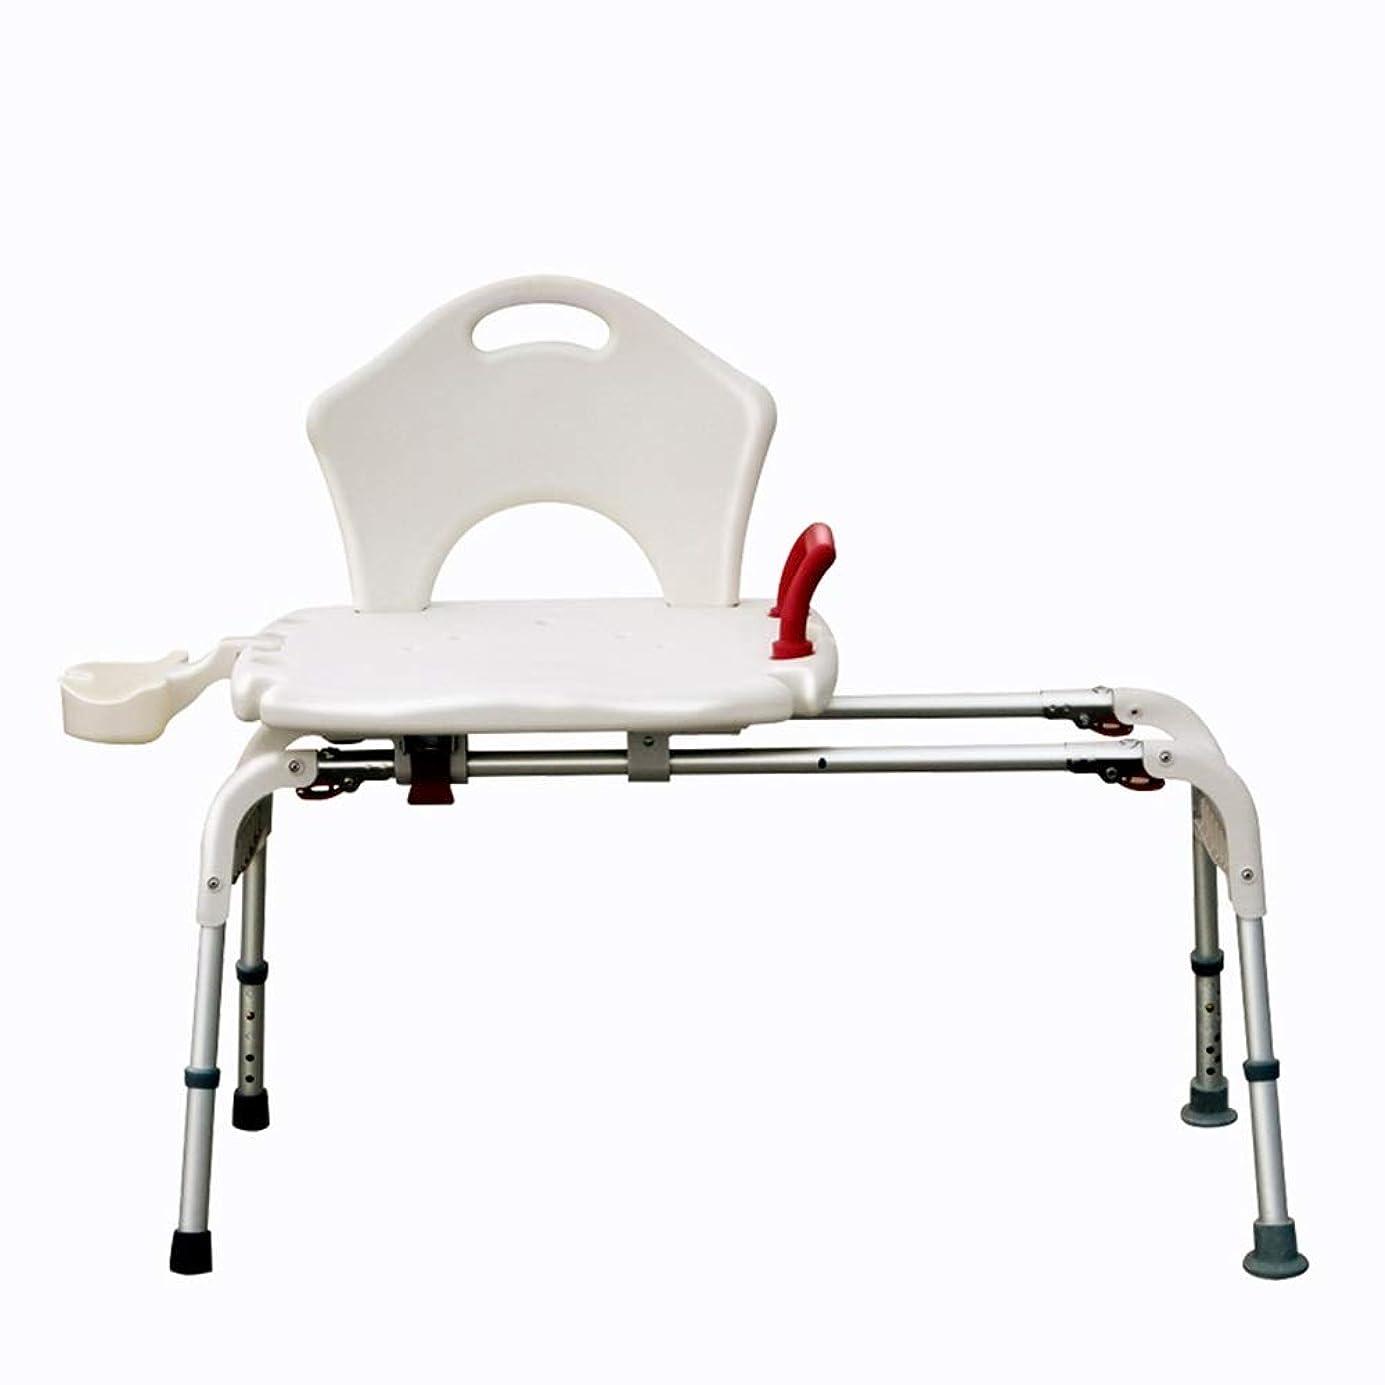 円形狐切り下げ背部およびシャワー?ヘッドのホールダーが付いているデラックスな高さの調節可能なアルミニウムBath/シャワーの椅子